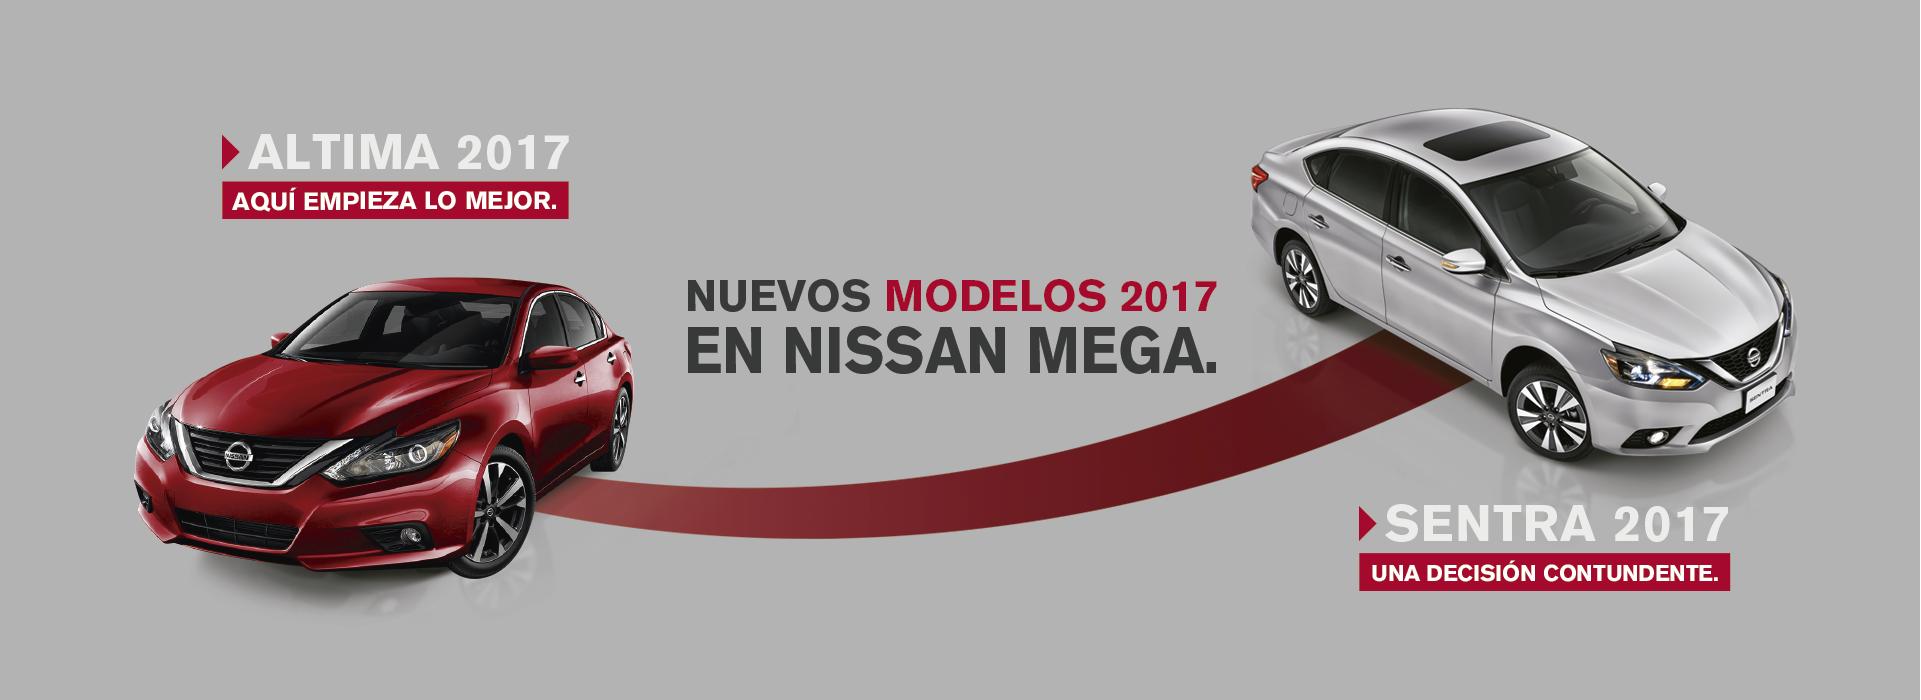 Nissan Altima 2017 Sentra 2017 conócelos enamórate nuevo nuevos Toluca Zinacantepec Almoloya San Luis Metepec